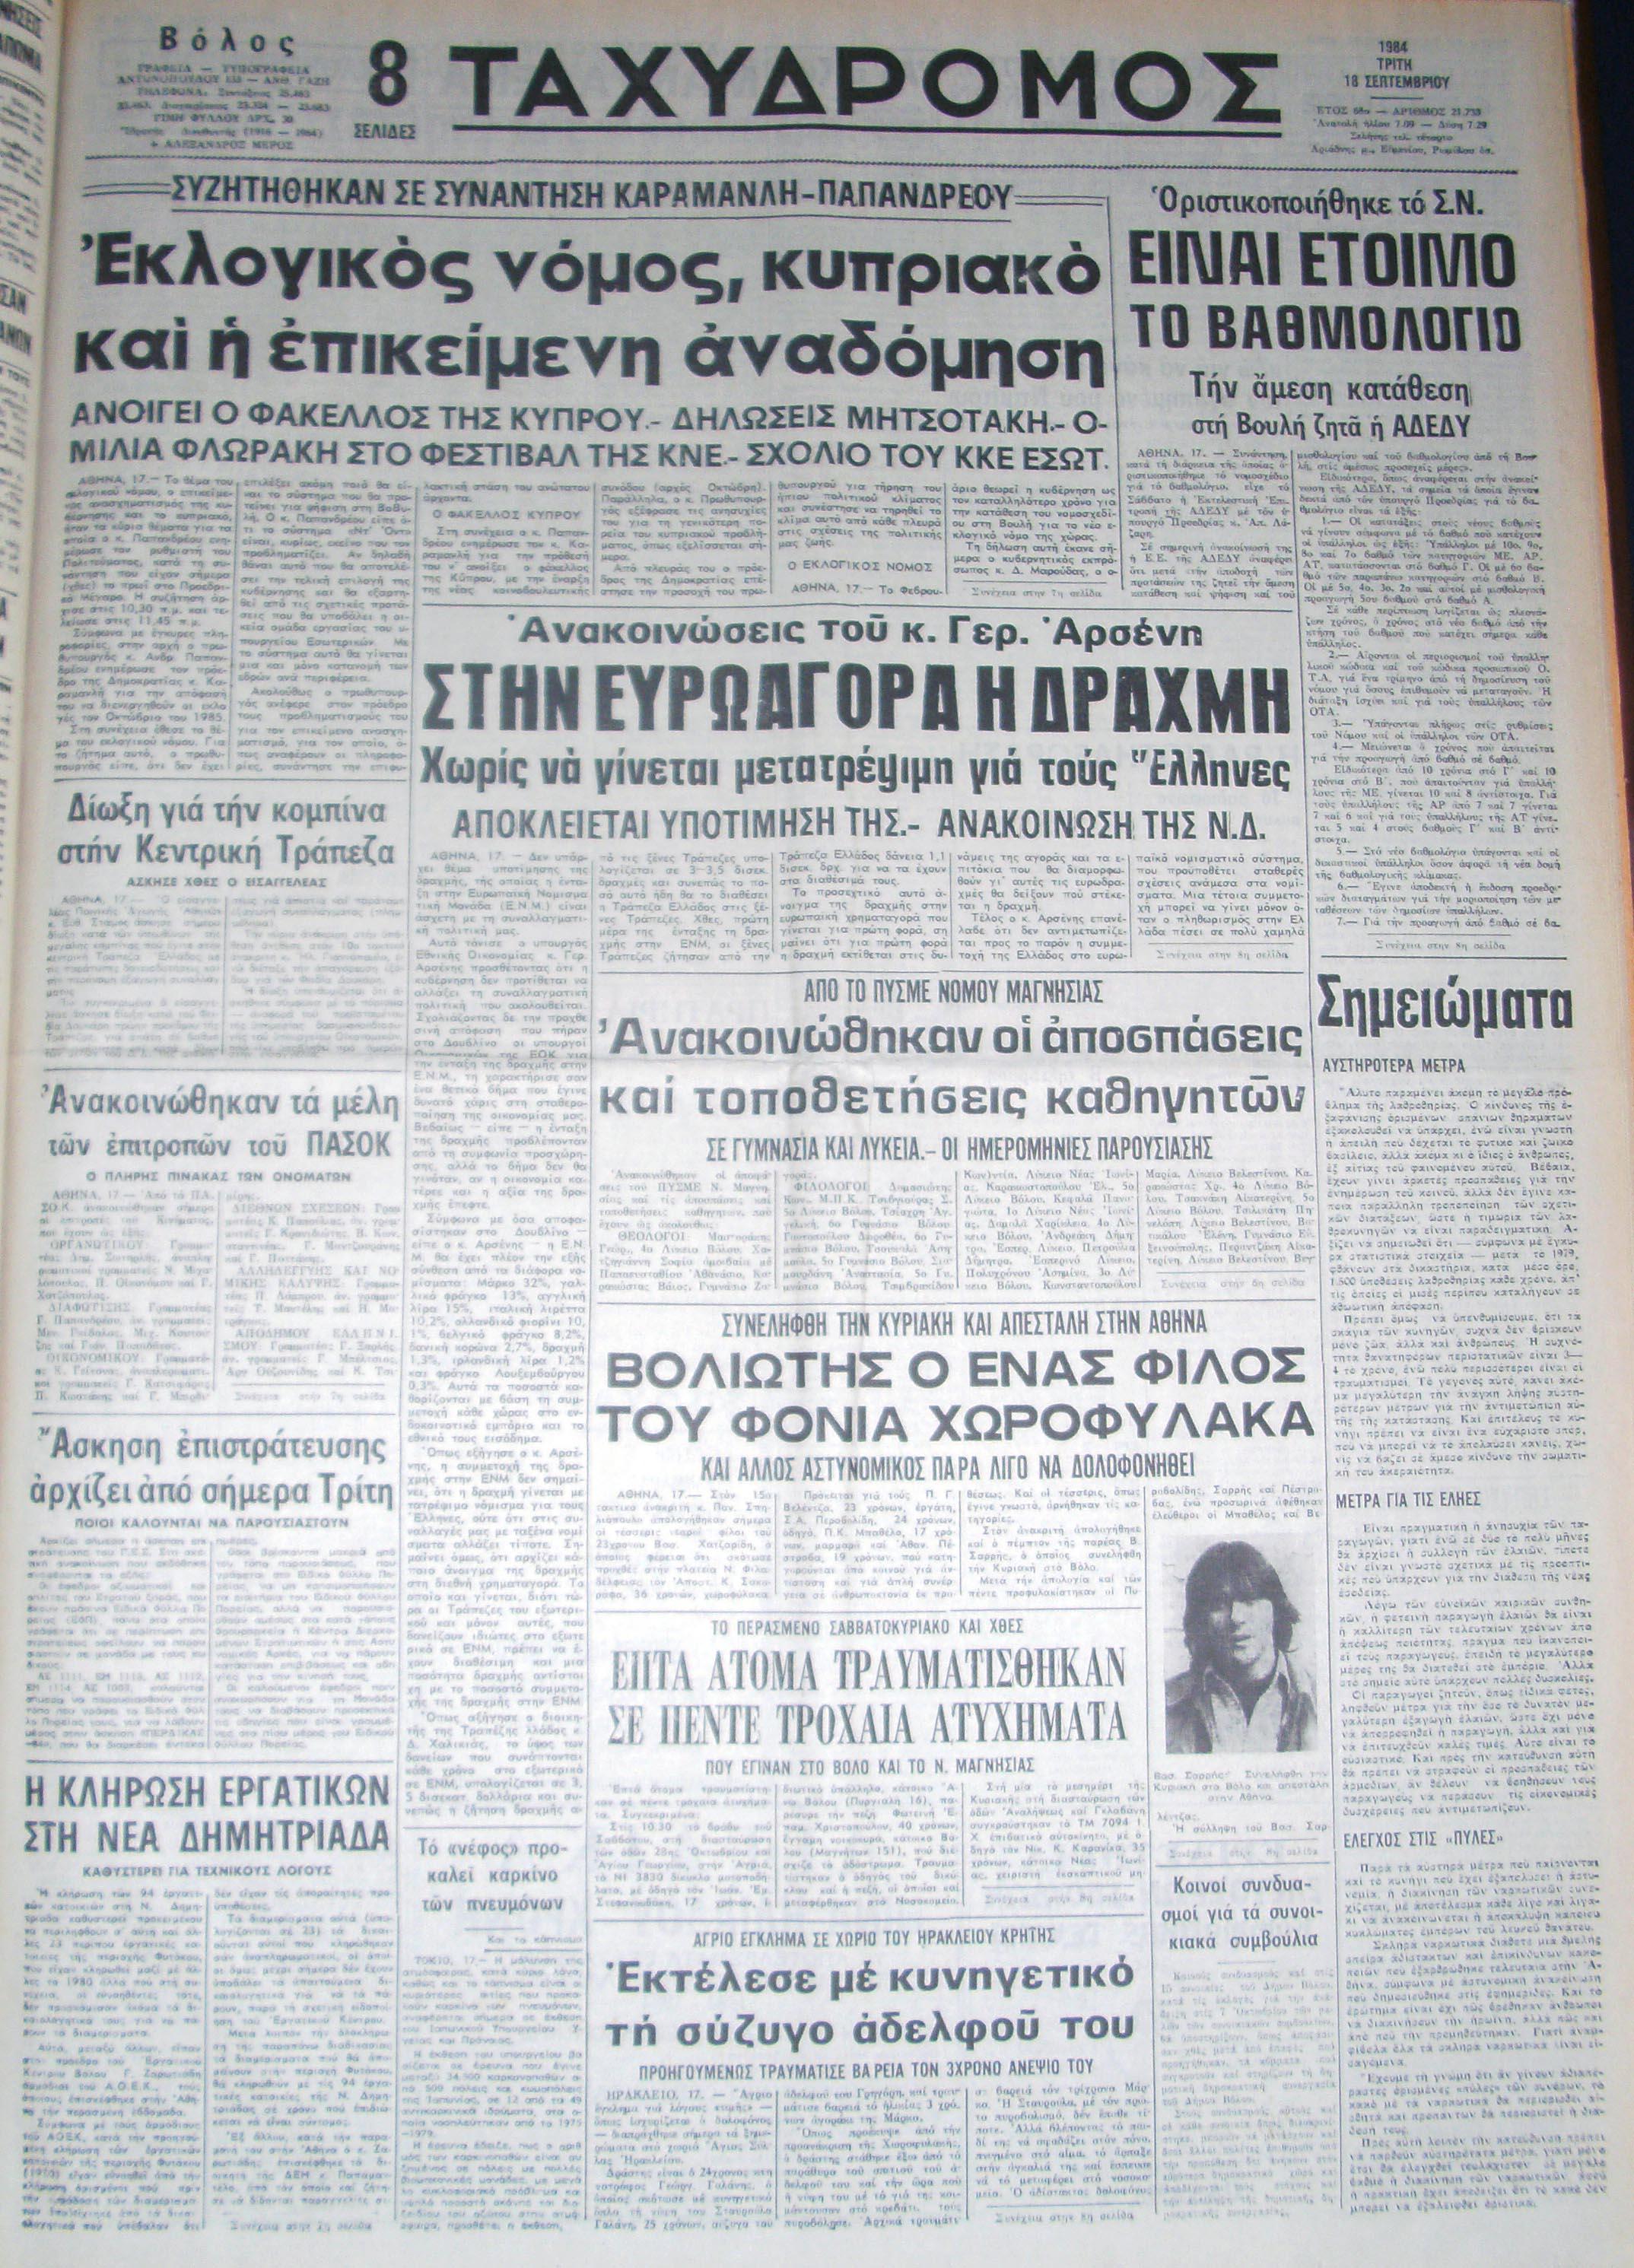 18 Σεπτεμβρίου 1984